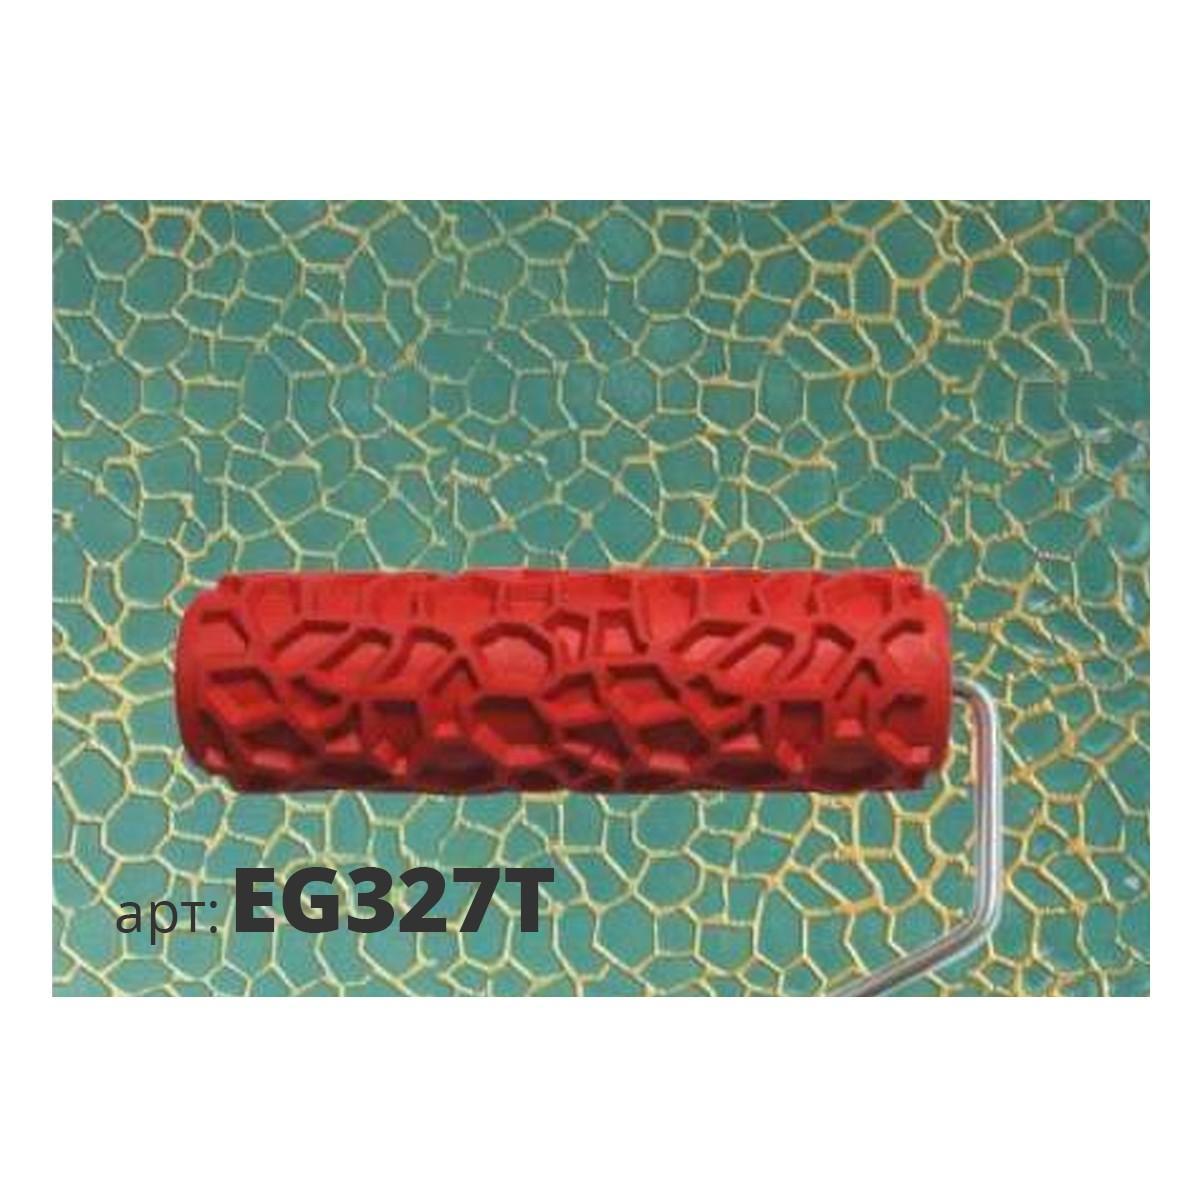 Декоративный жесткий резиновый валик ШАГРЕНЬ EG327T